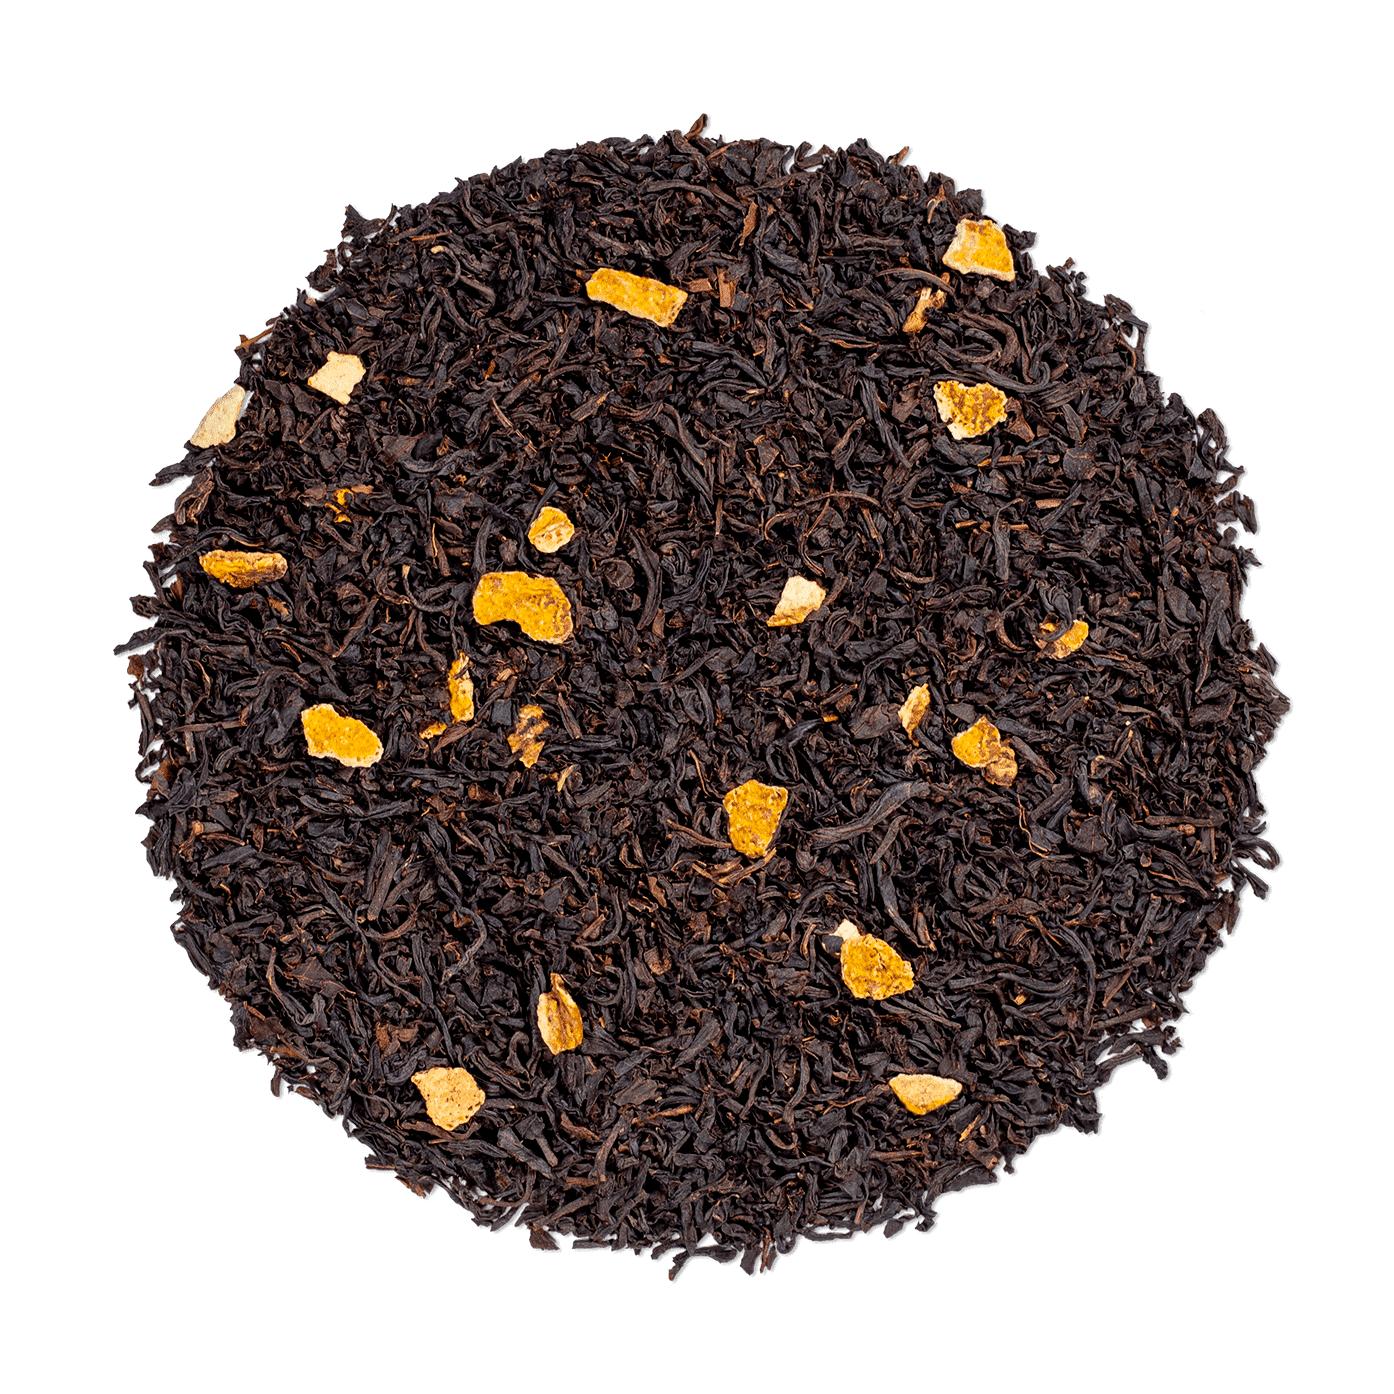 KUSMI TEA Prince Vladimir bio - Thé noir earl grey, orange - Thé en vrac - Kusmi Tea